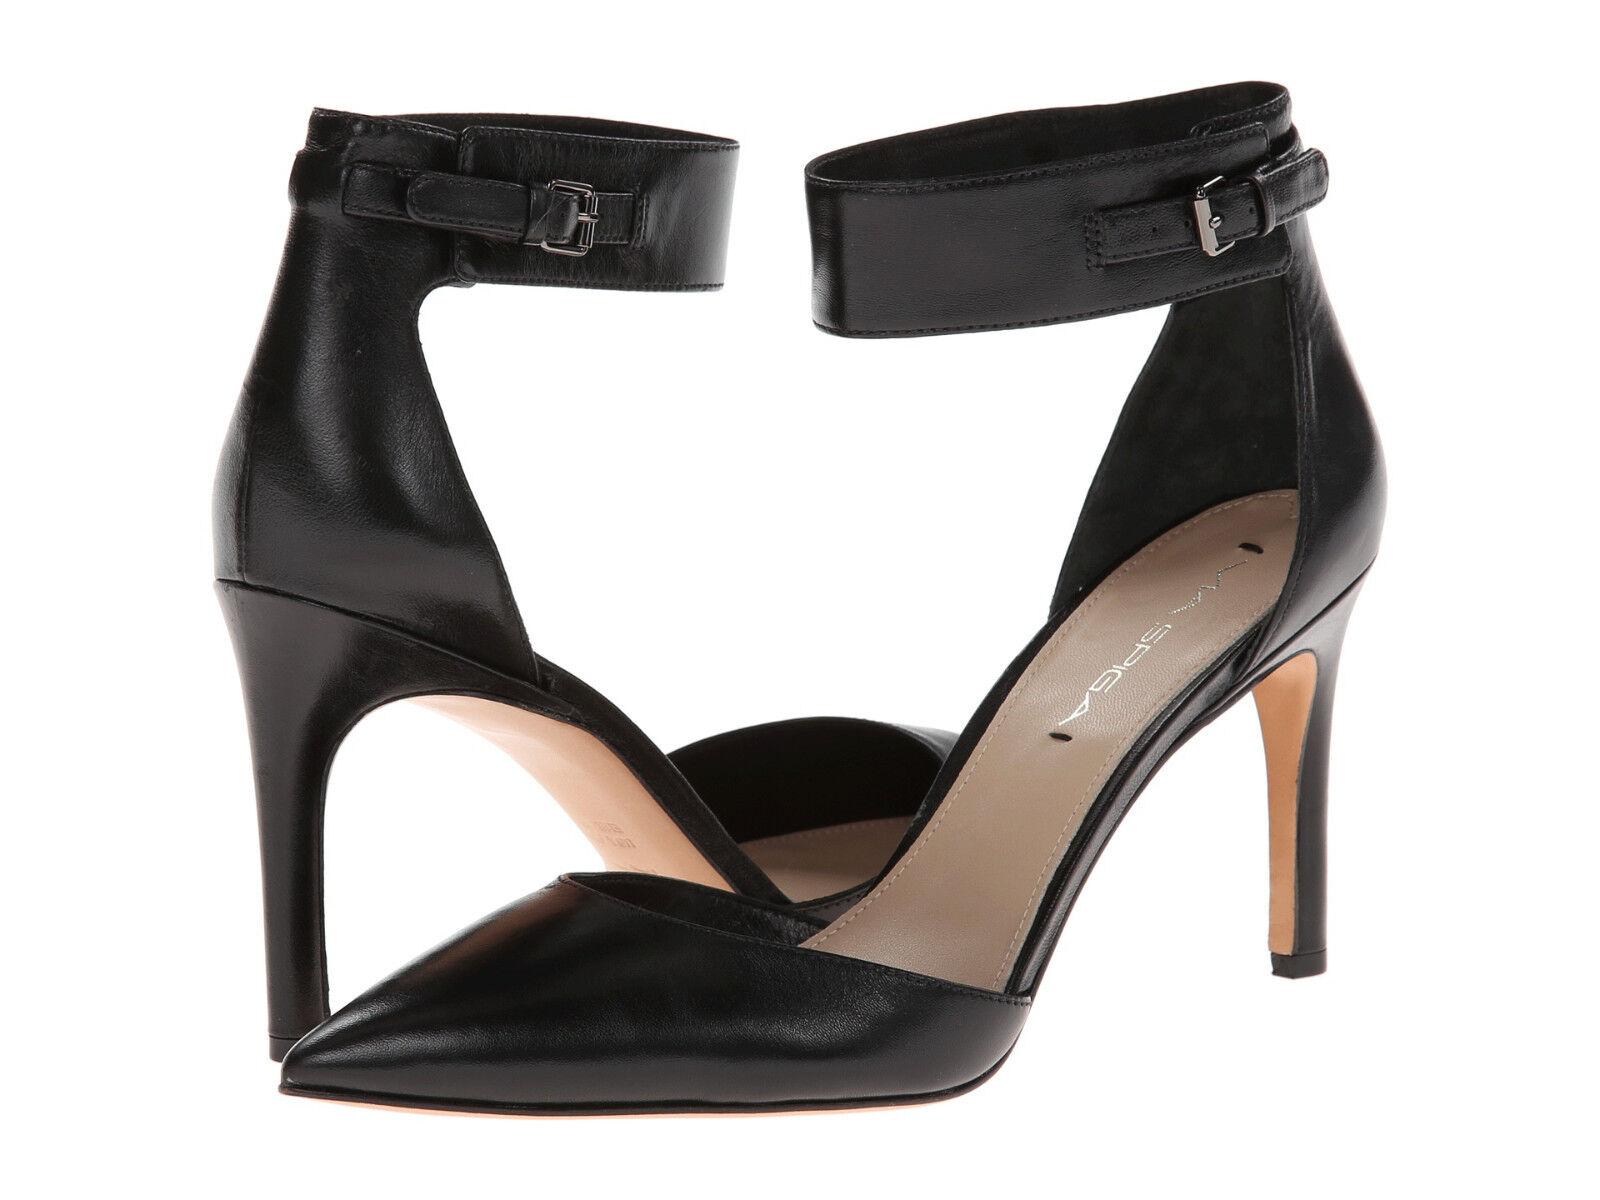 prezzo basso NIB  225 Via Spiga Idabelle Ankle Strap scarpe nero nero nero Leather 6.5 7 7.5 8.5  migliore vendita